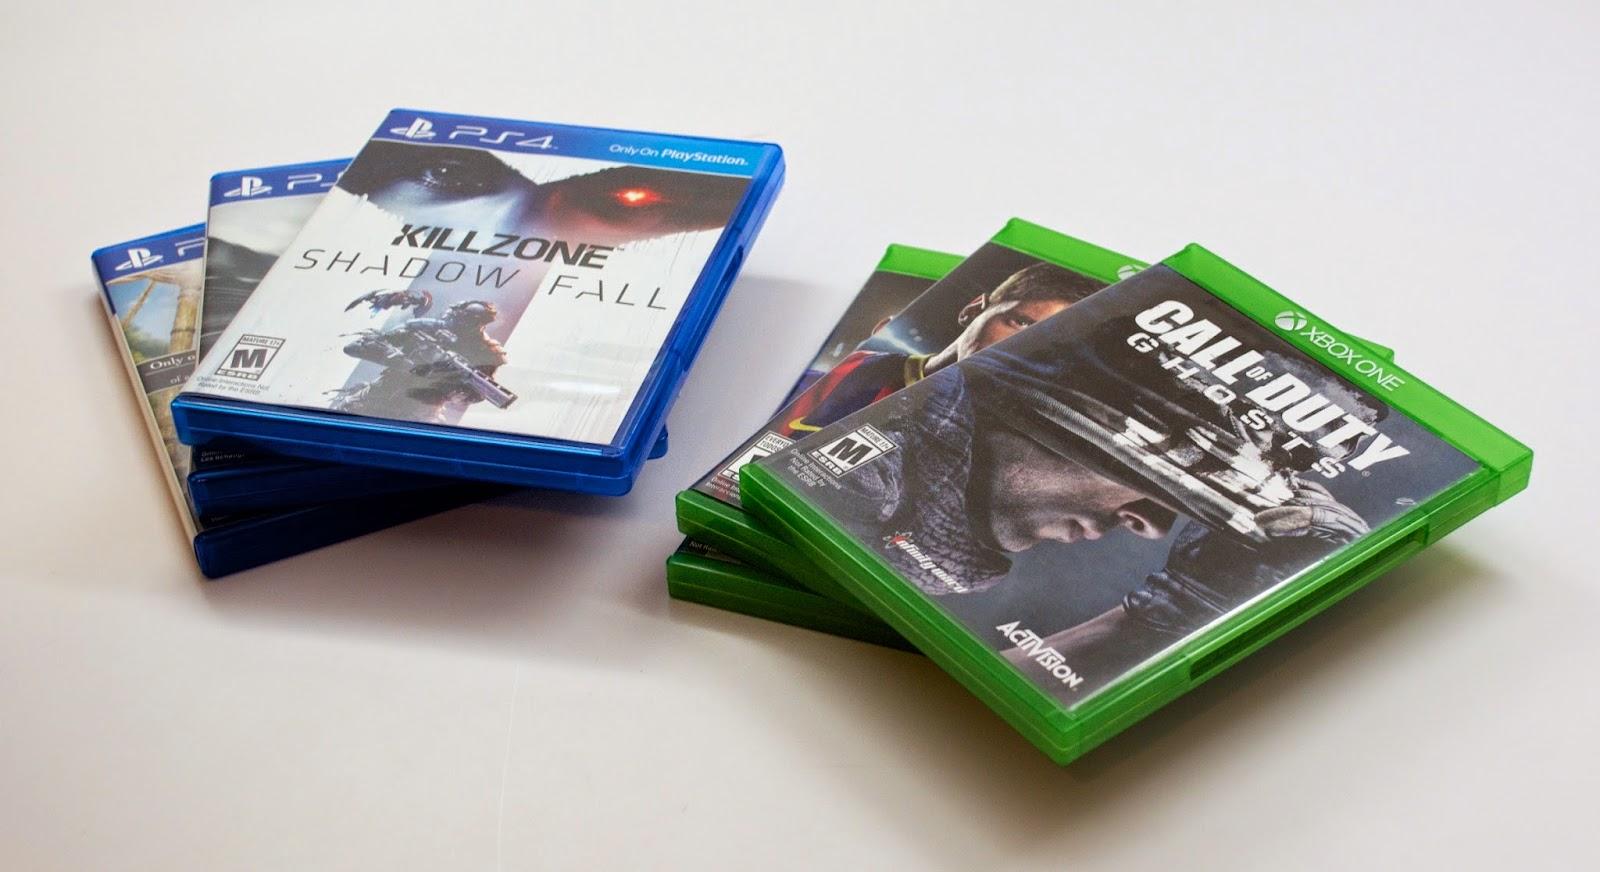 Рост цен на игры для Xbox One и Playstation 4 в России официально подтвержден